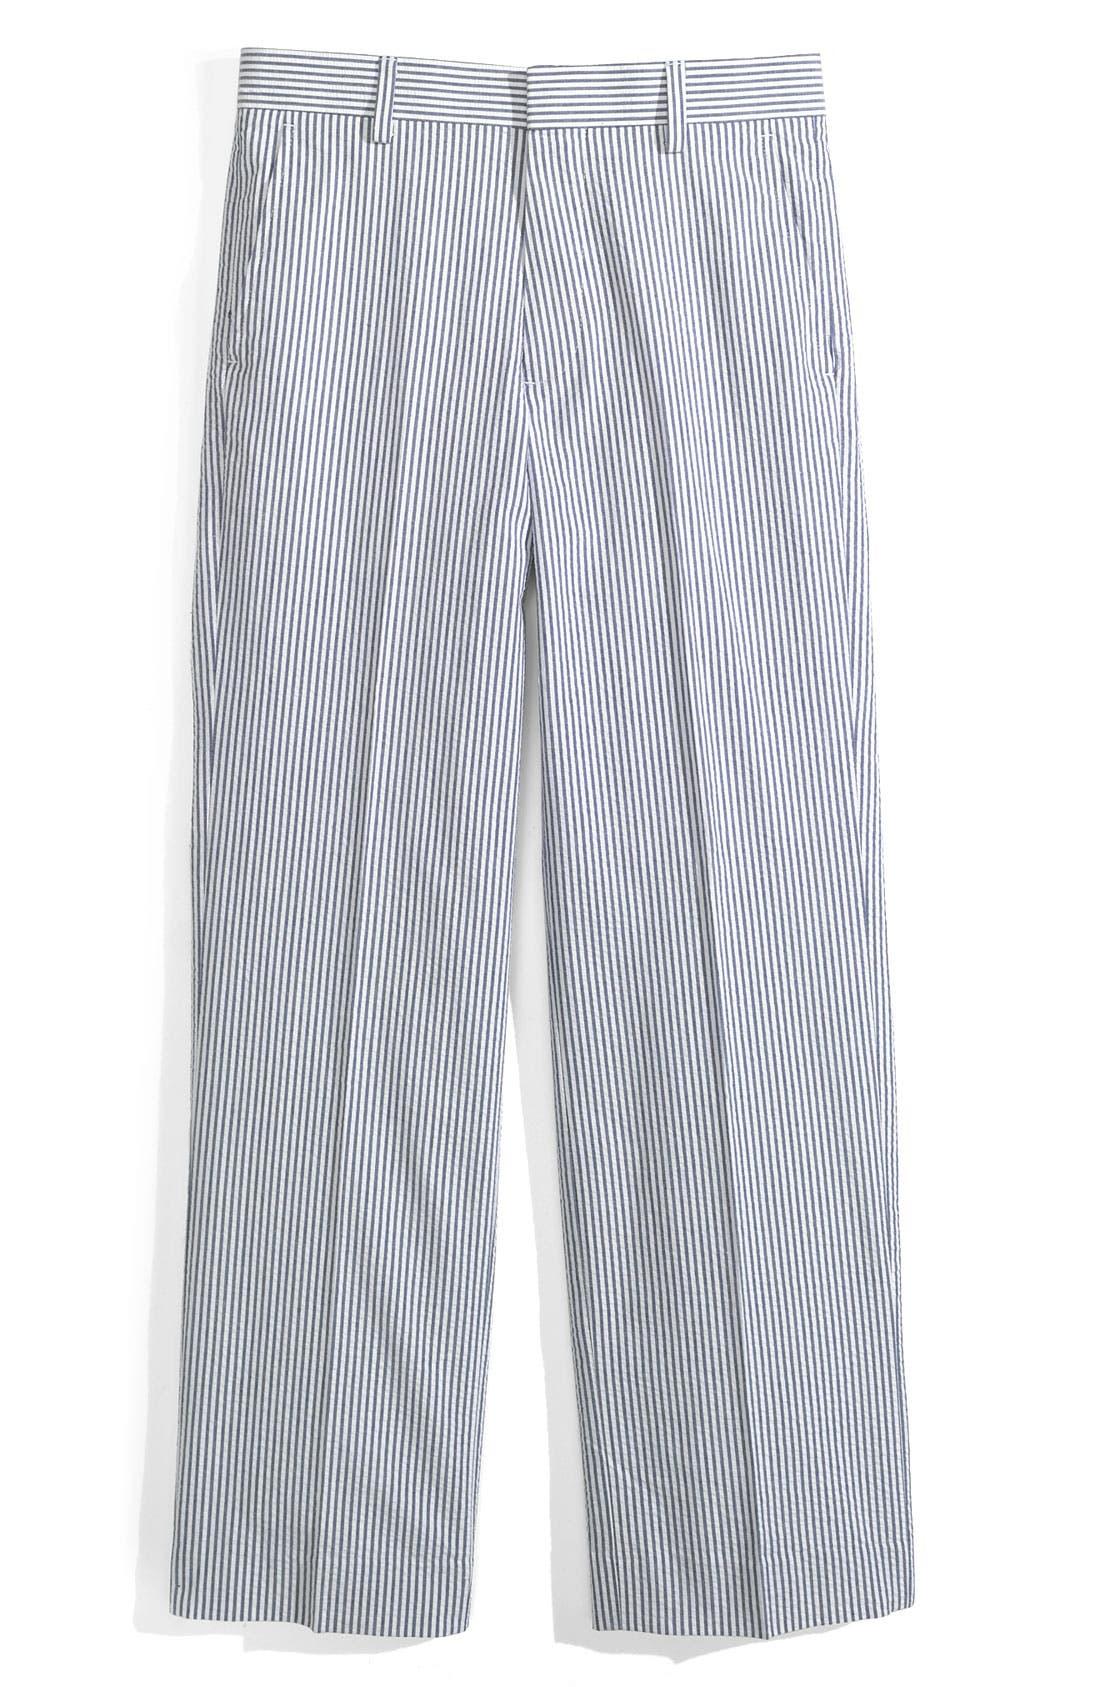 Main Image - Nordstrom 'Phillip' Seersucker Trousers (Big Boys)